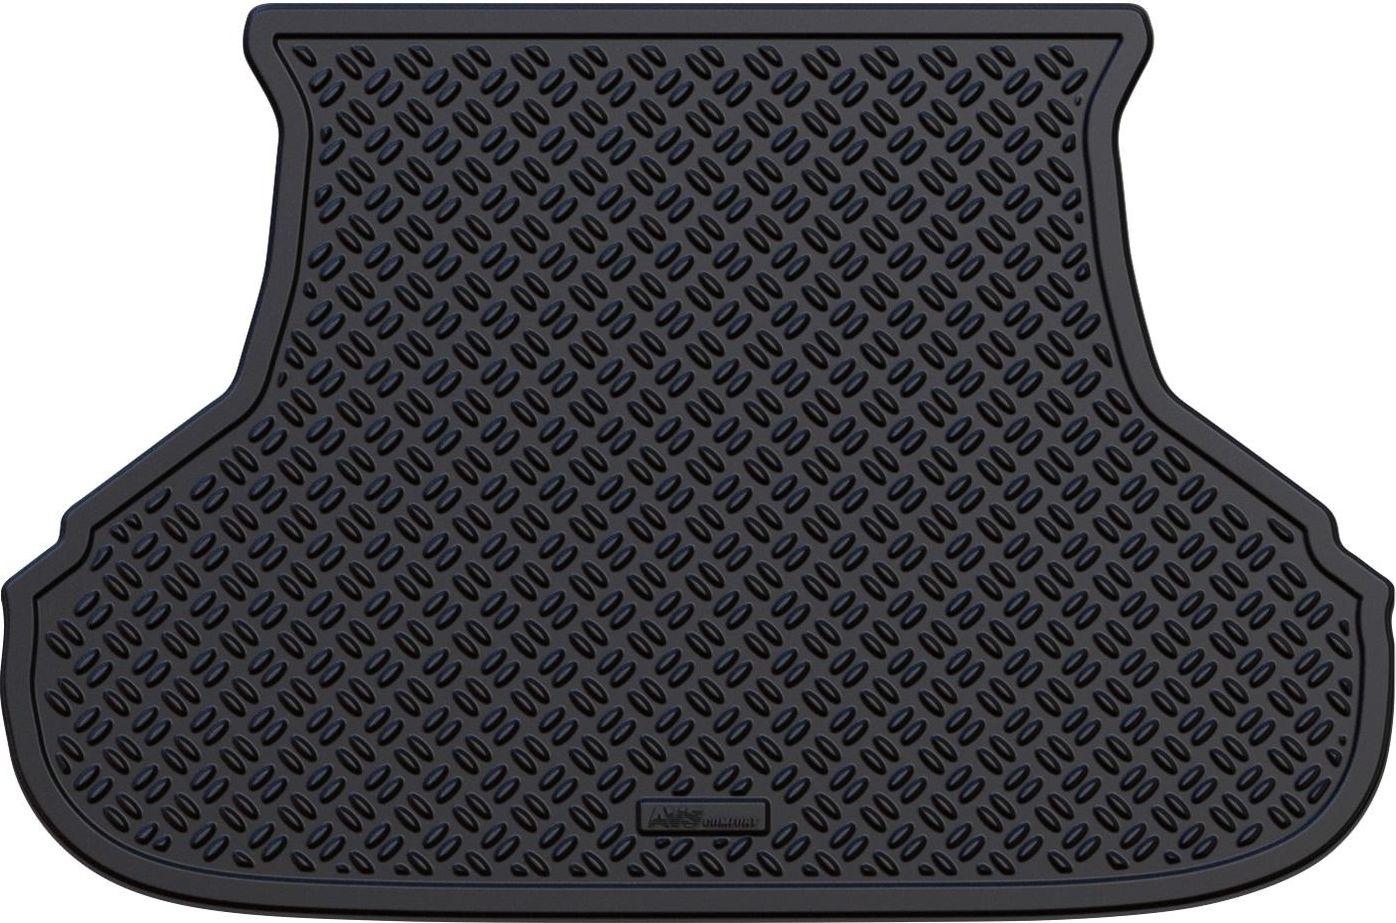 Ковер автомобильный AVS для Lada Priora SD/WАG, в багажникA78762S1. Спроектированы с помощью 3D моделирования. Ковры для багажника : конфигурация позволяет максимально использовать объем багажника 2. Высокий борт Высота : 32 см. 3. Отсутствие резкого запаха , благодаря использованию высококачественного сырья4. Материал :ТЕРМОЭЛАСТОПЛАСТ(ТЭП)-благодаря высокому содержанию каучука (до 55 %): Более износоустойчивые по сравнению с резиновыми и полиуретановыми коврами других производителейПри температуре меньше -25 не «дубеют» . Легко моются, обладают повышенной износостойкостью 5. Оригинальный рисунок «ПРОТЕКТОР» (антискользящее исполнение лицевой поверхности) Препятствует перемещению груза в багажнике во время движения автомобиля 6. Легкий вес – в 2 раза легче резиновых